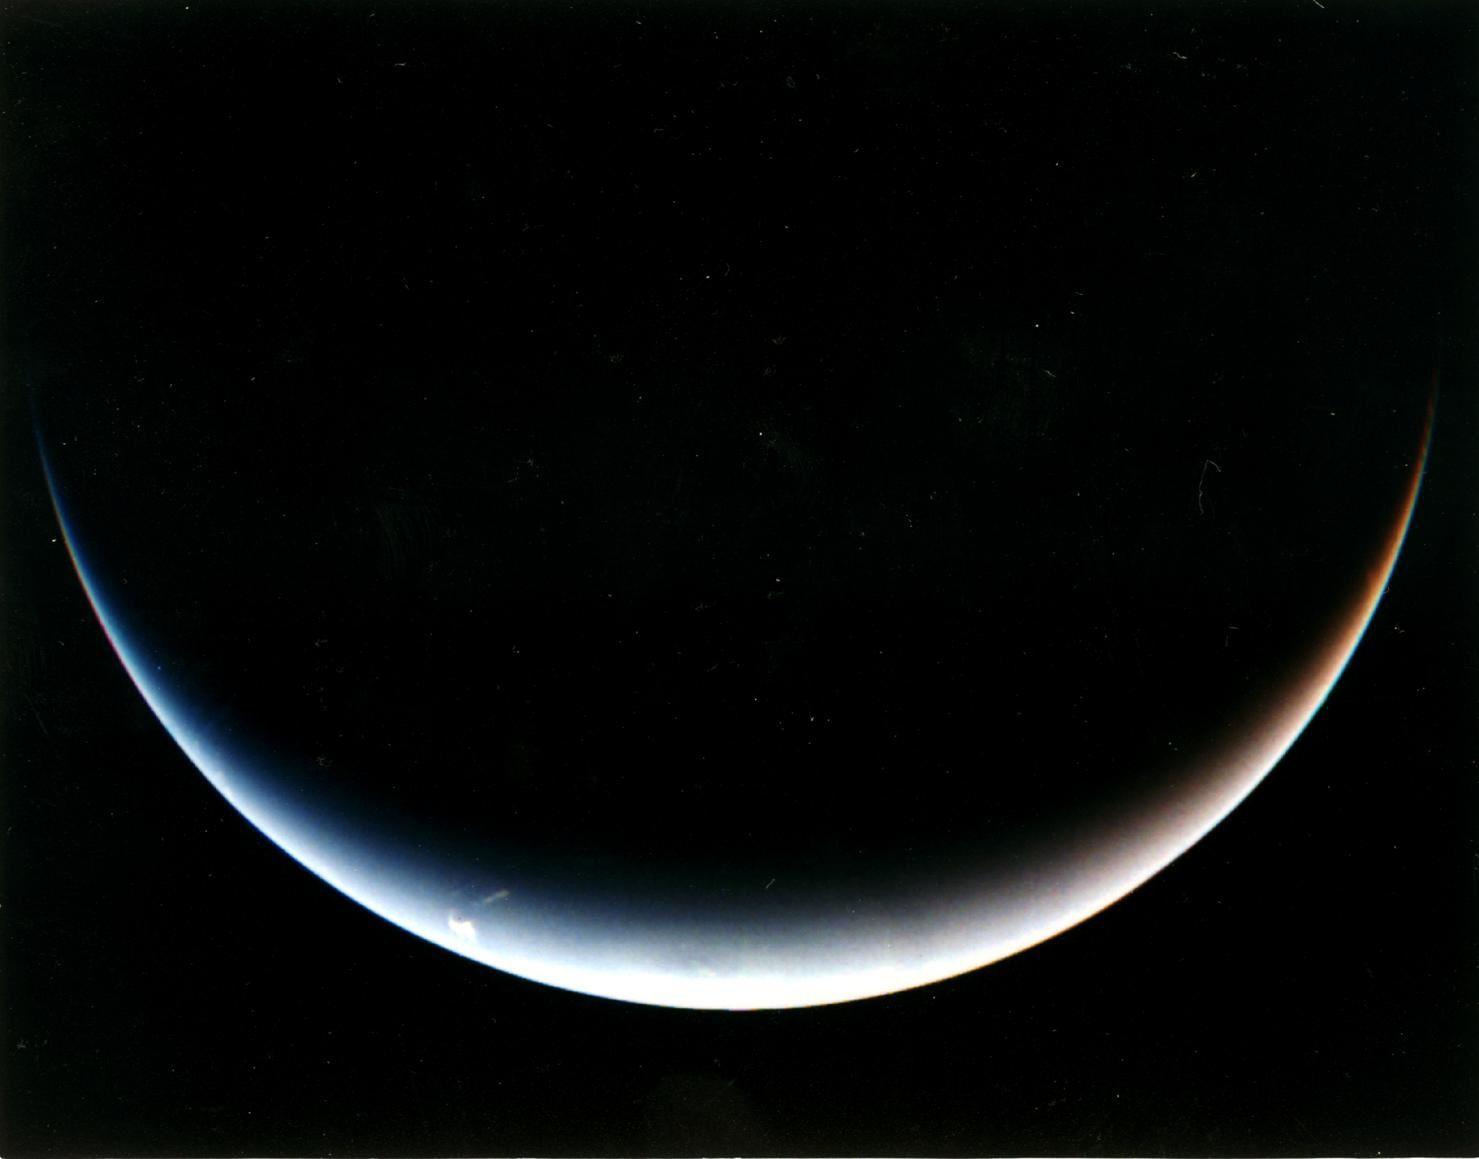 """Il polo sud di Nettuno, ripreso dalla sonda Voyager 2 nel 1989, mentre si allontanava dal pianeta dopo averlo superato. <span class=""""di"""">Cortesia: NASA / JPL</span>"""